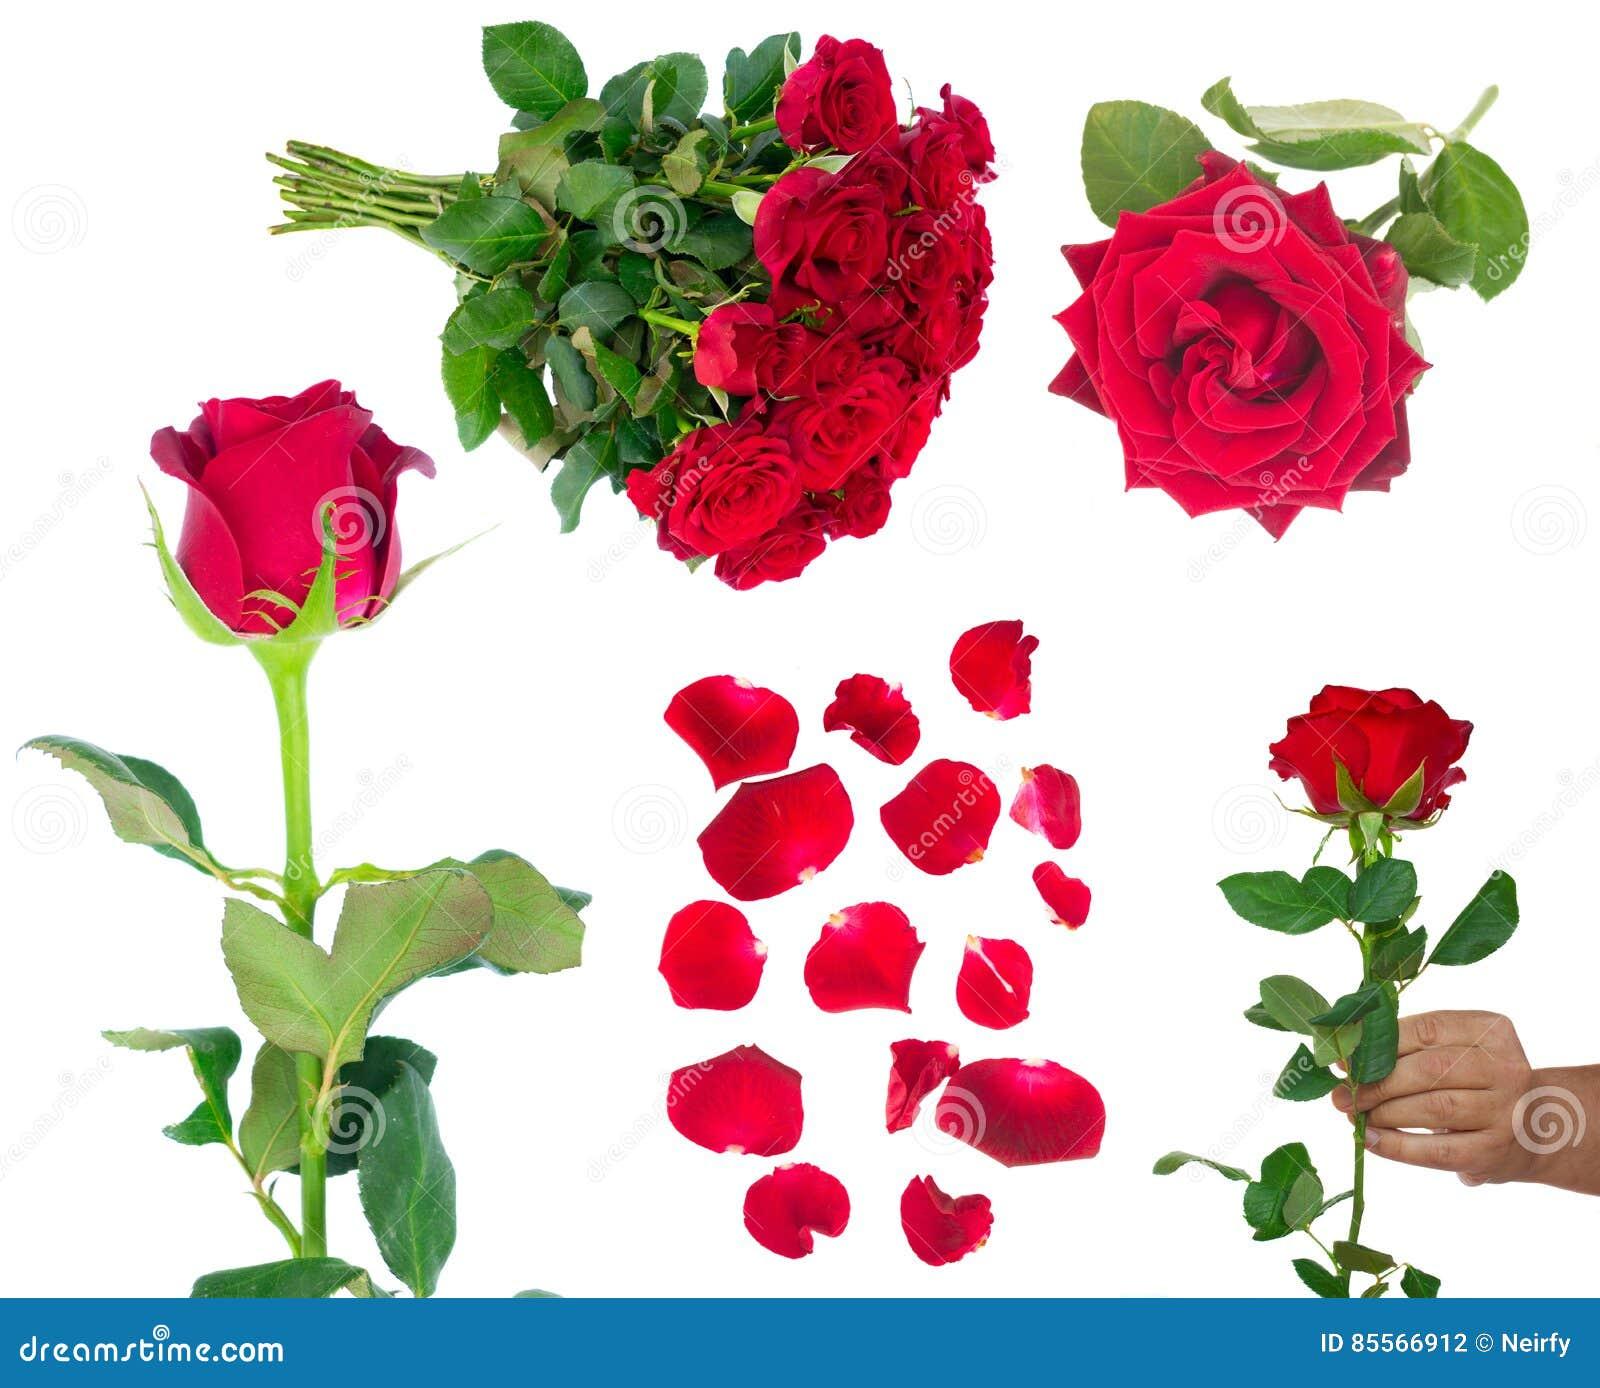 Blumenstrauß von blühenden dunkelroten Rosen im Vase